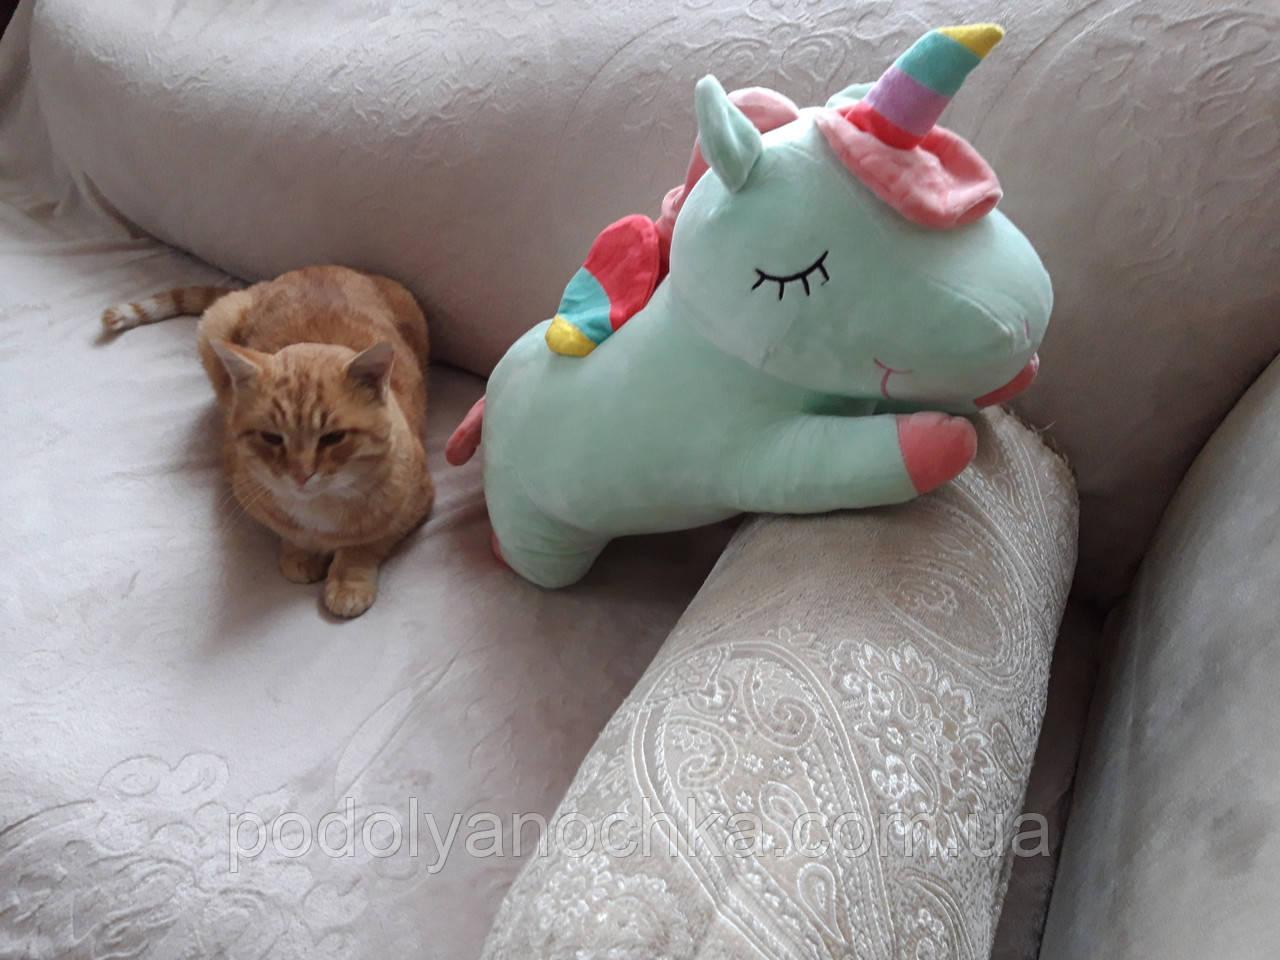 Іграшка-плед-подушка Єдиноріг🦄